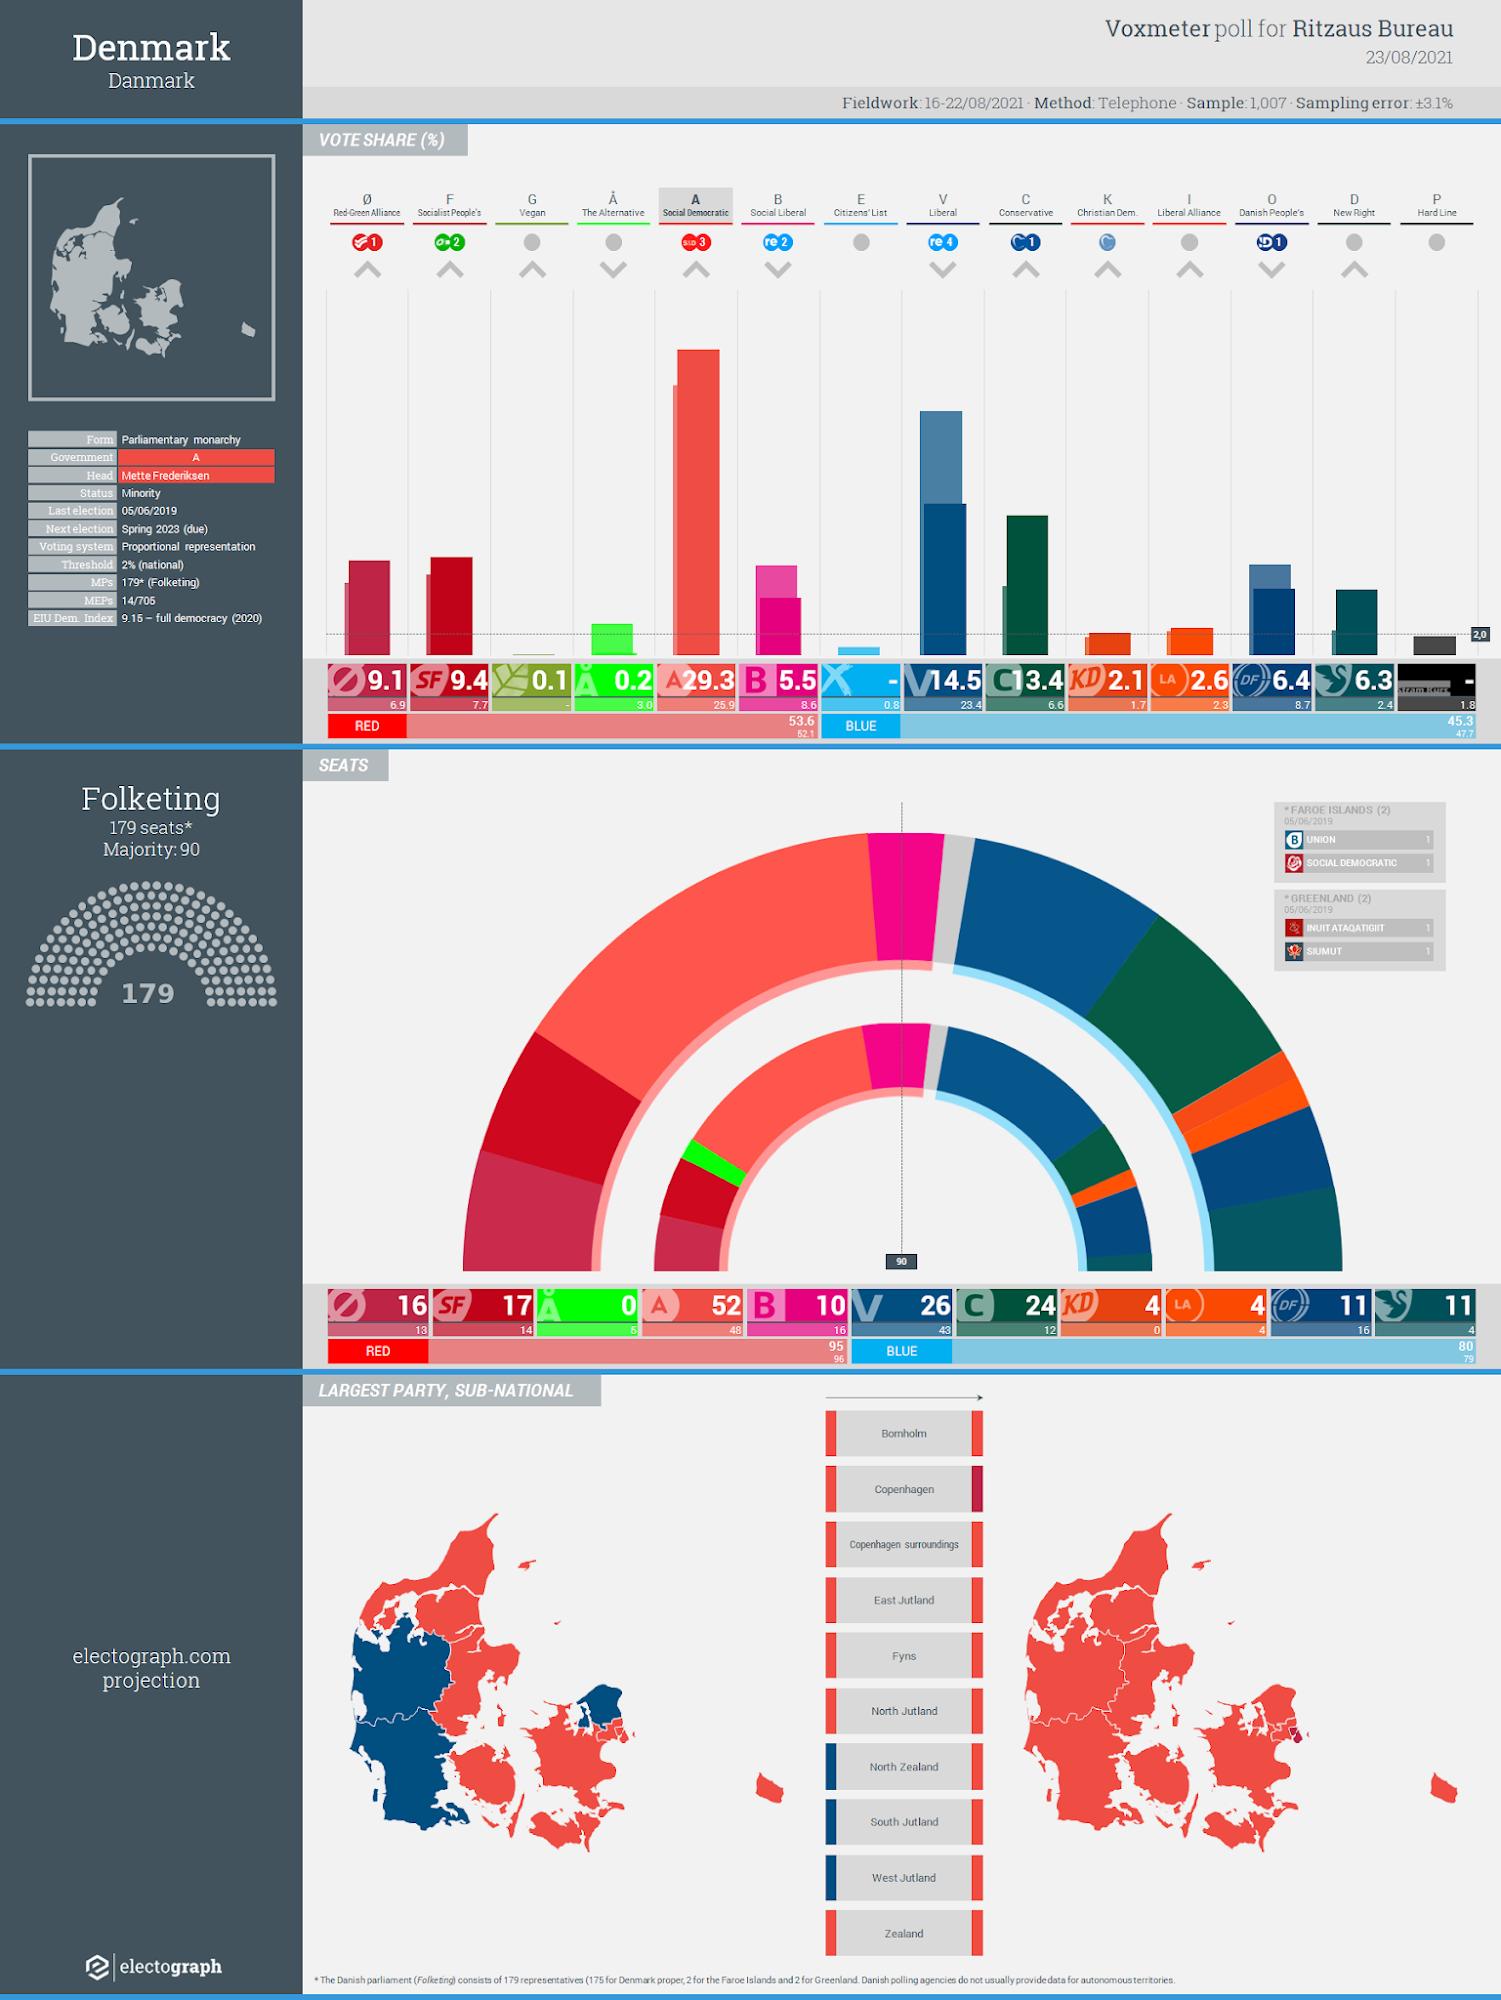 DENMARK: Voxmeter poll chart for Ritzaus Bureau, 23 August 2021